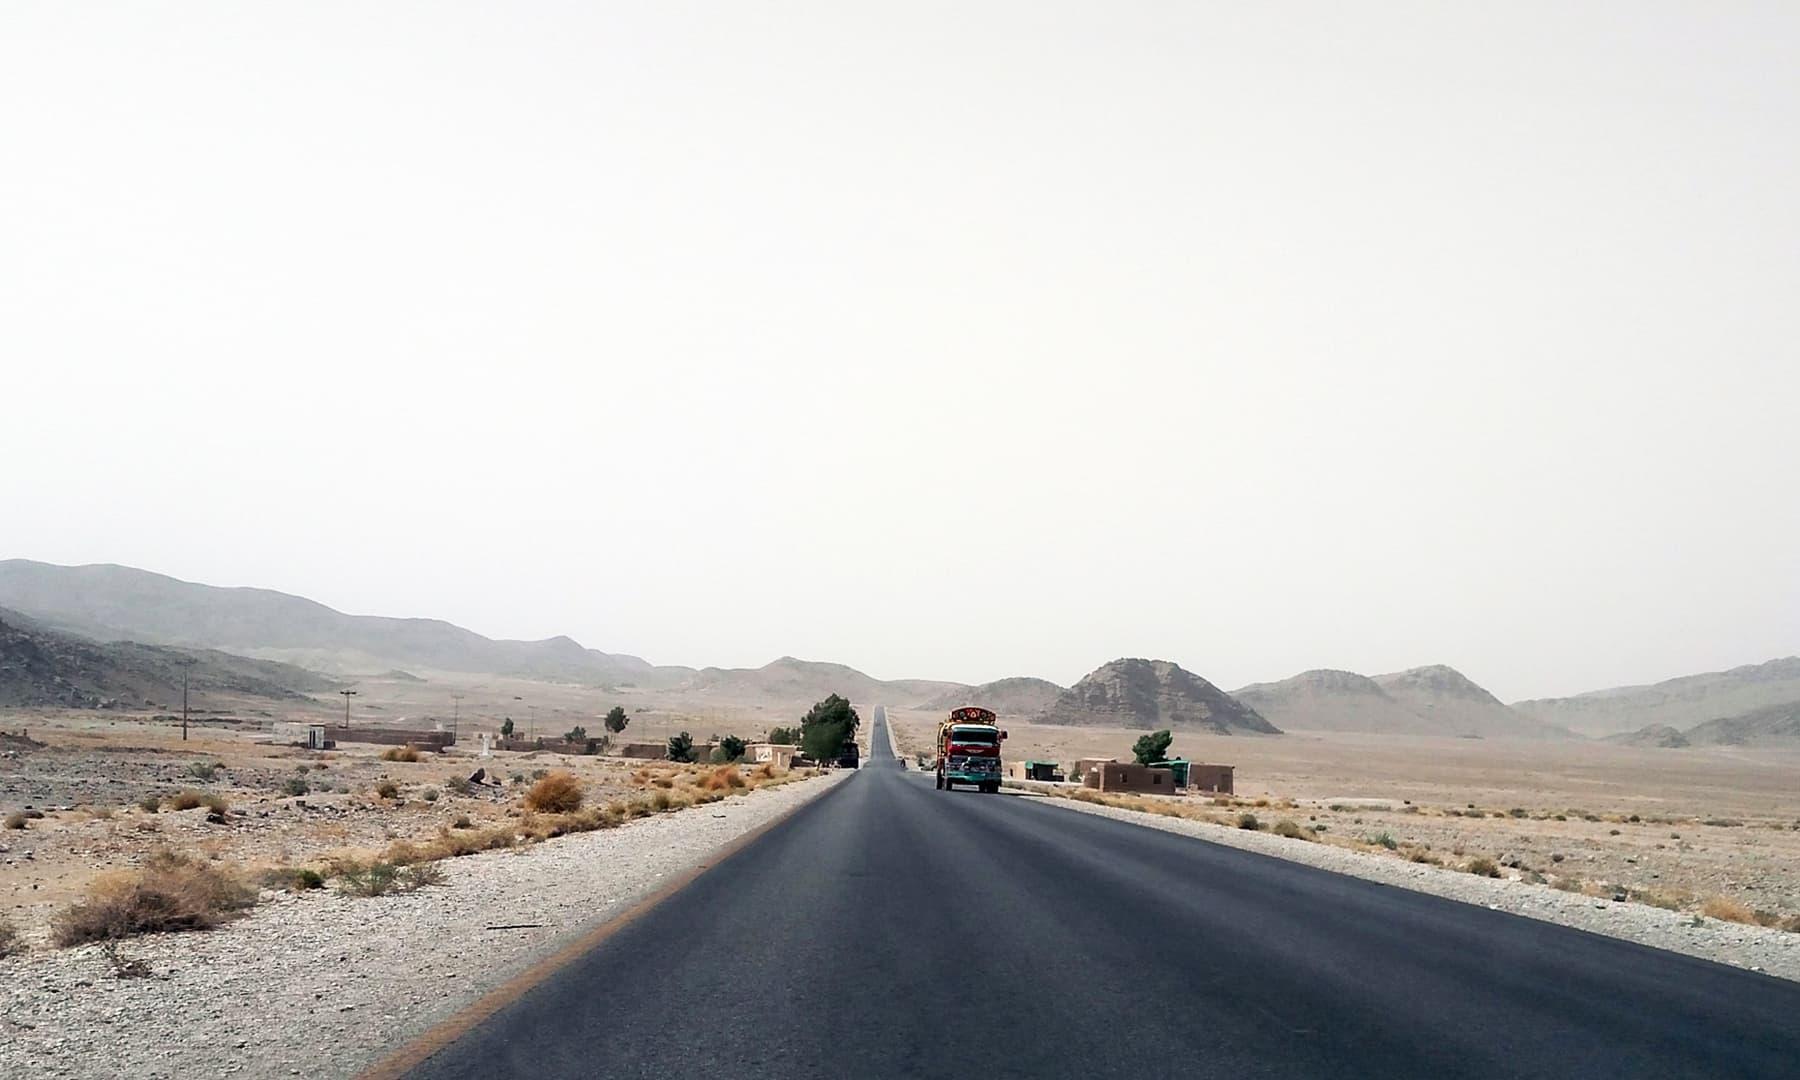 آر سی ڈی ہائی وے—تصویر عبیداللہ کیہر